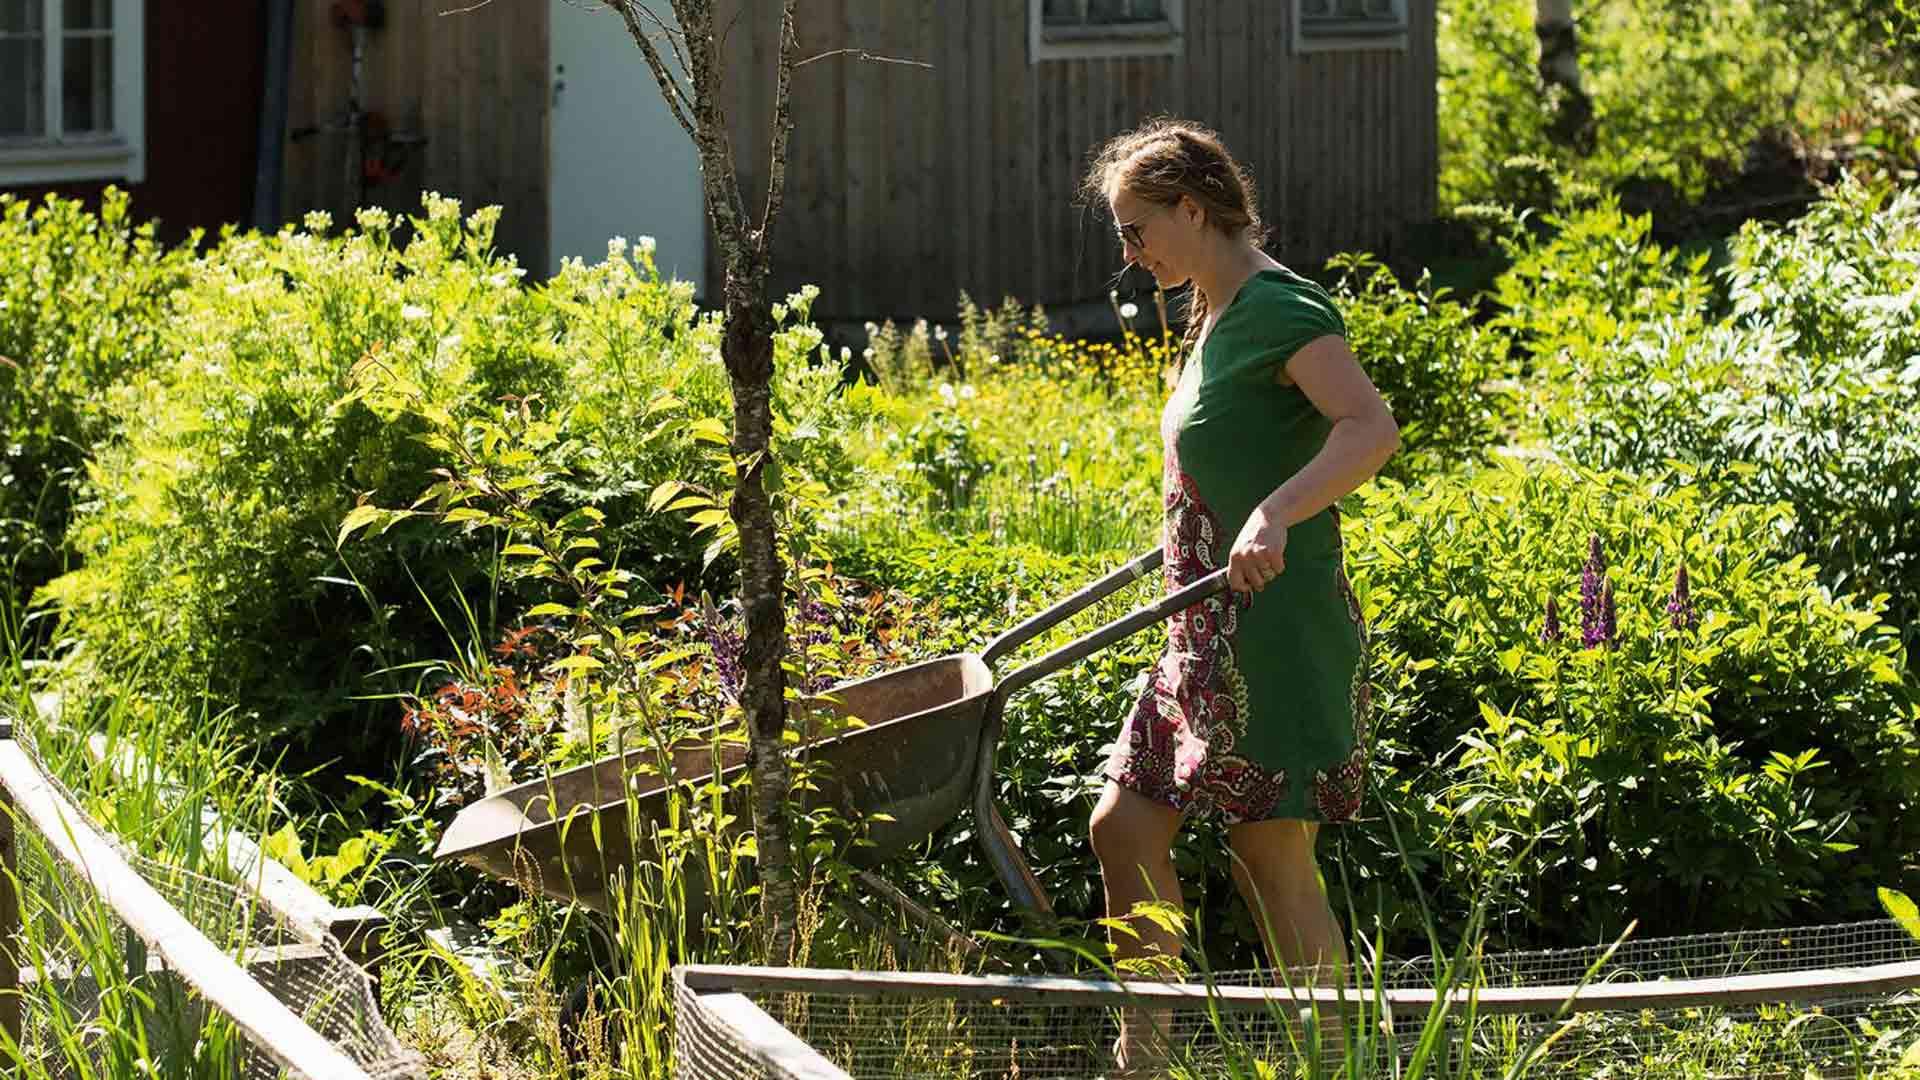 Nykyisin omavaraistelu on Österåkereille normaalia arkea. Pellolla ja kasvimaalla kasvaa perunaa, porkkanaa ja palsternakkaa, pinaattia ja salaatteja, papuja ja avomaankurkkuja.